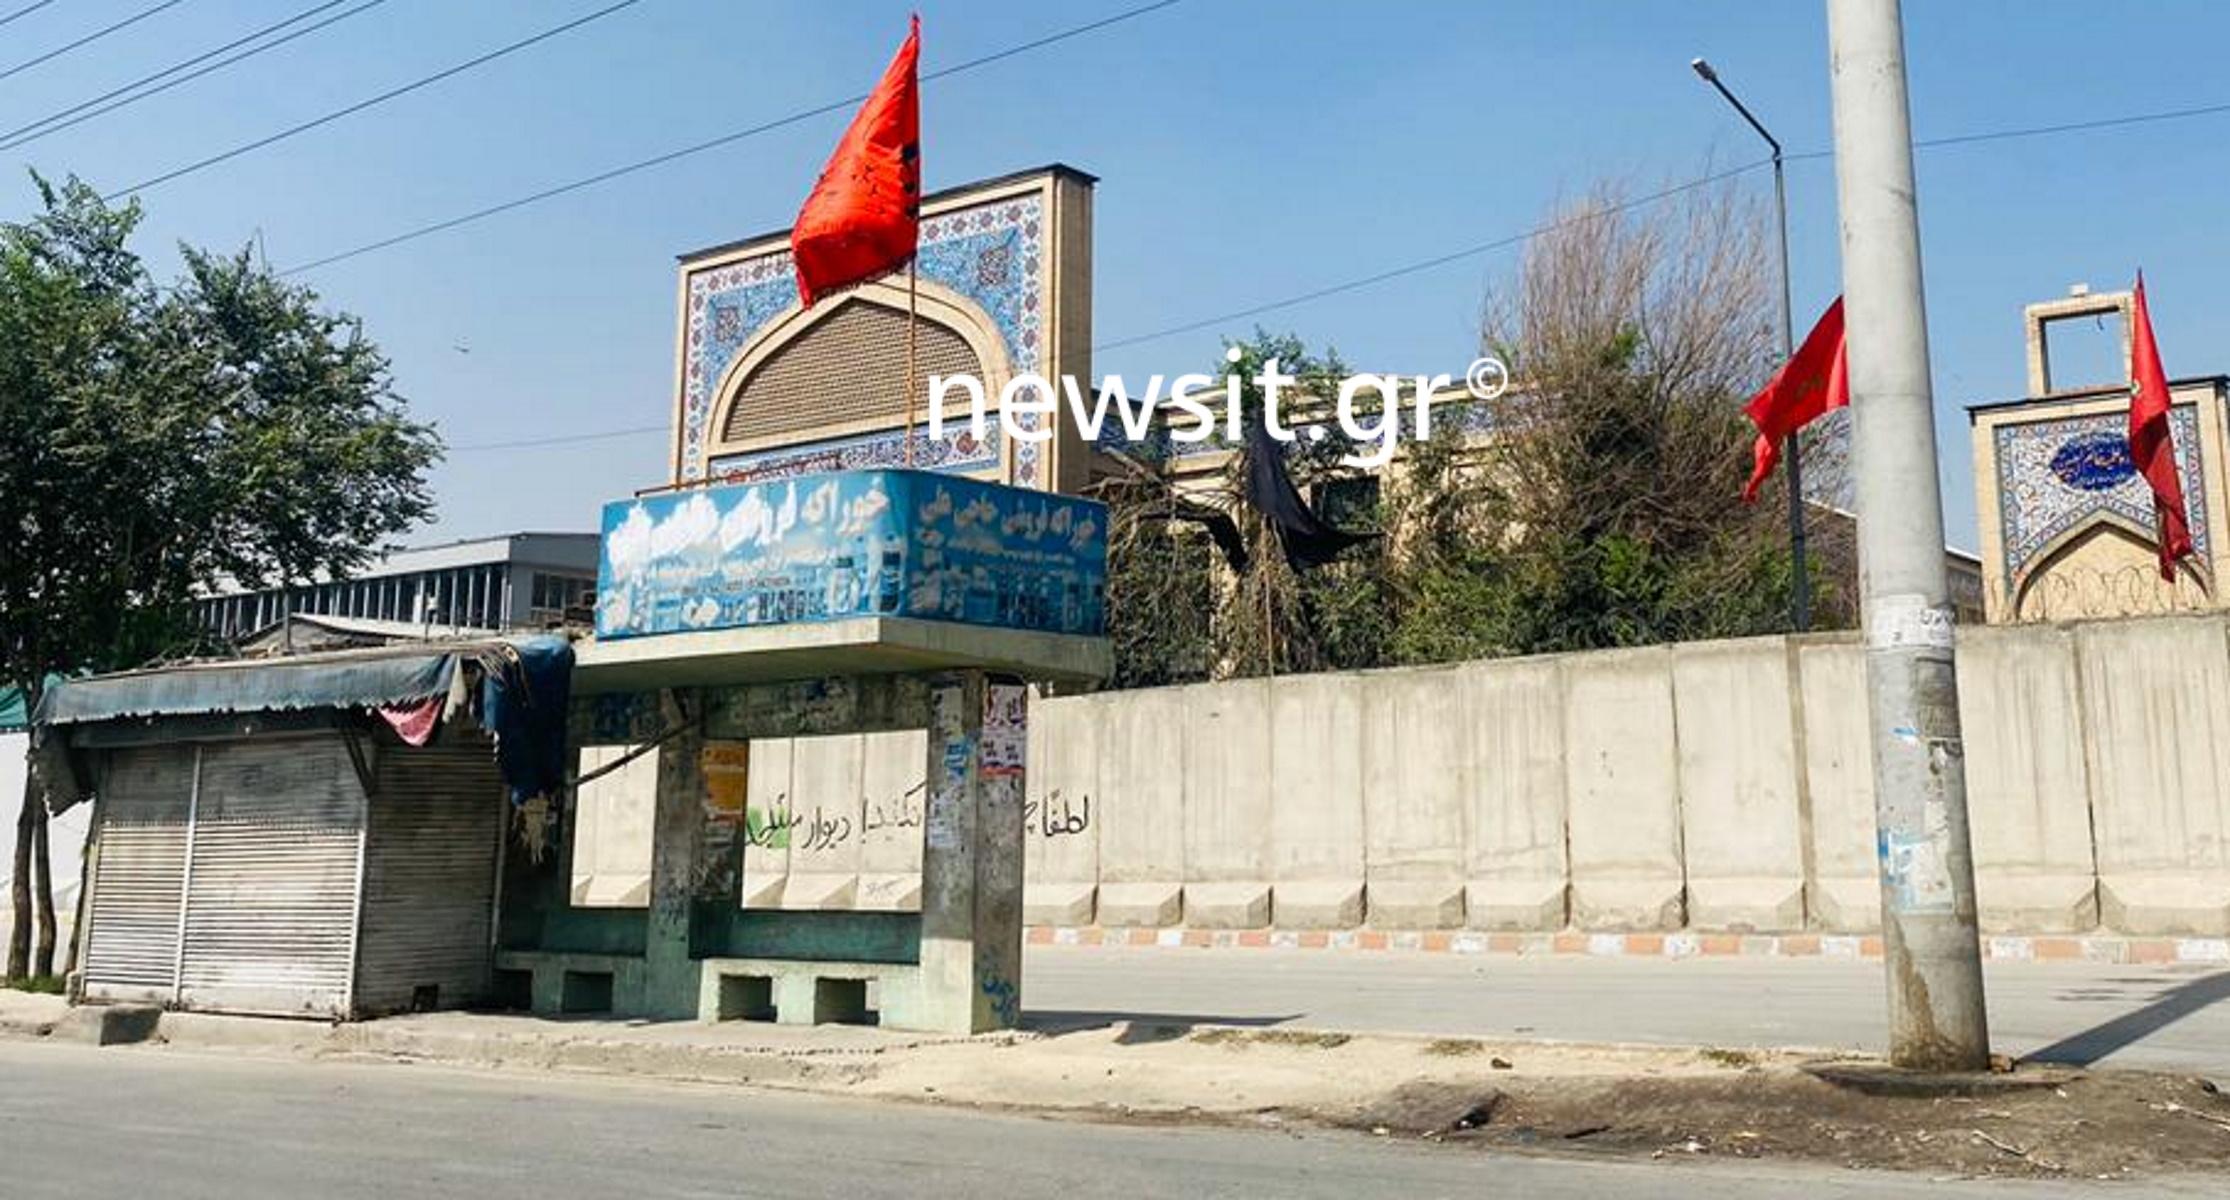 Το newsit.gr στην Καμπούλ – Στην πρωτεύουσα του Αφγανιστάν φωλιάζει μόνο φόβος